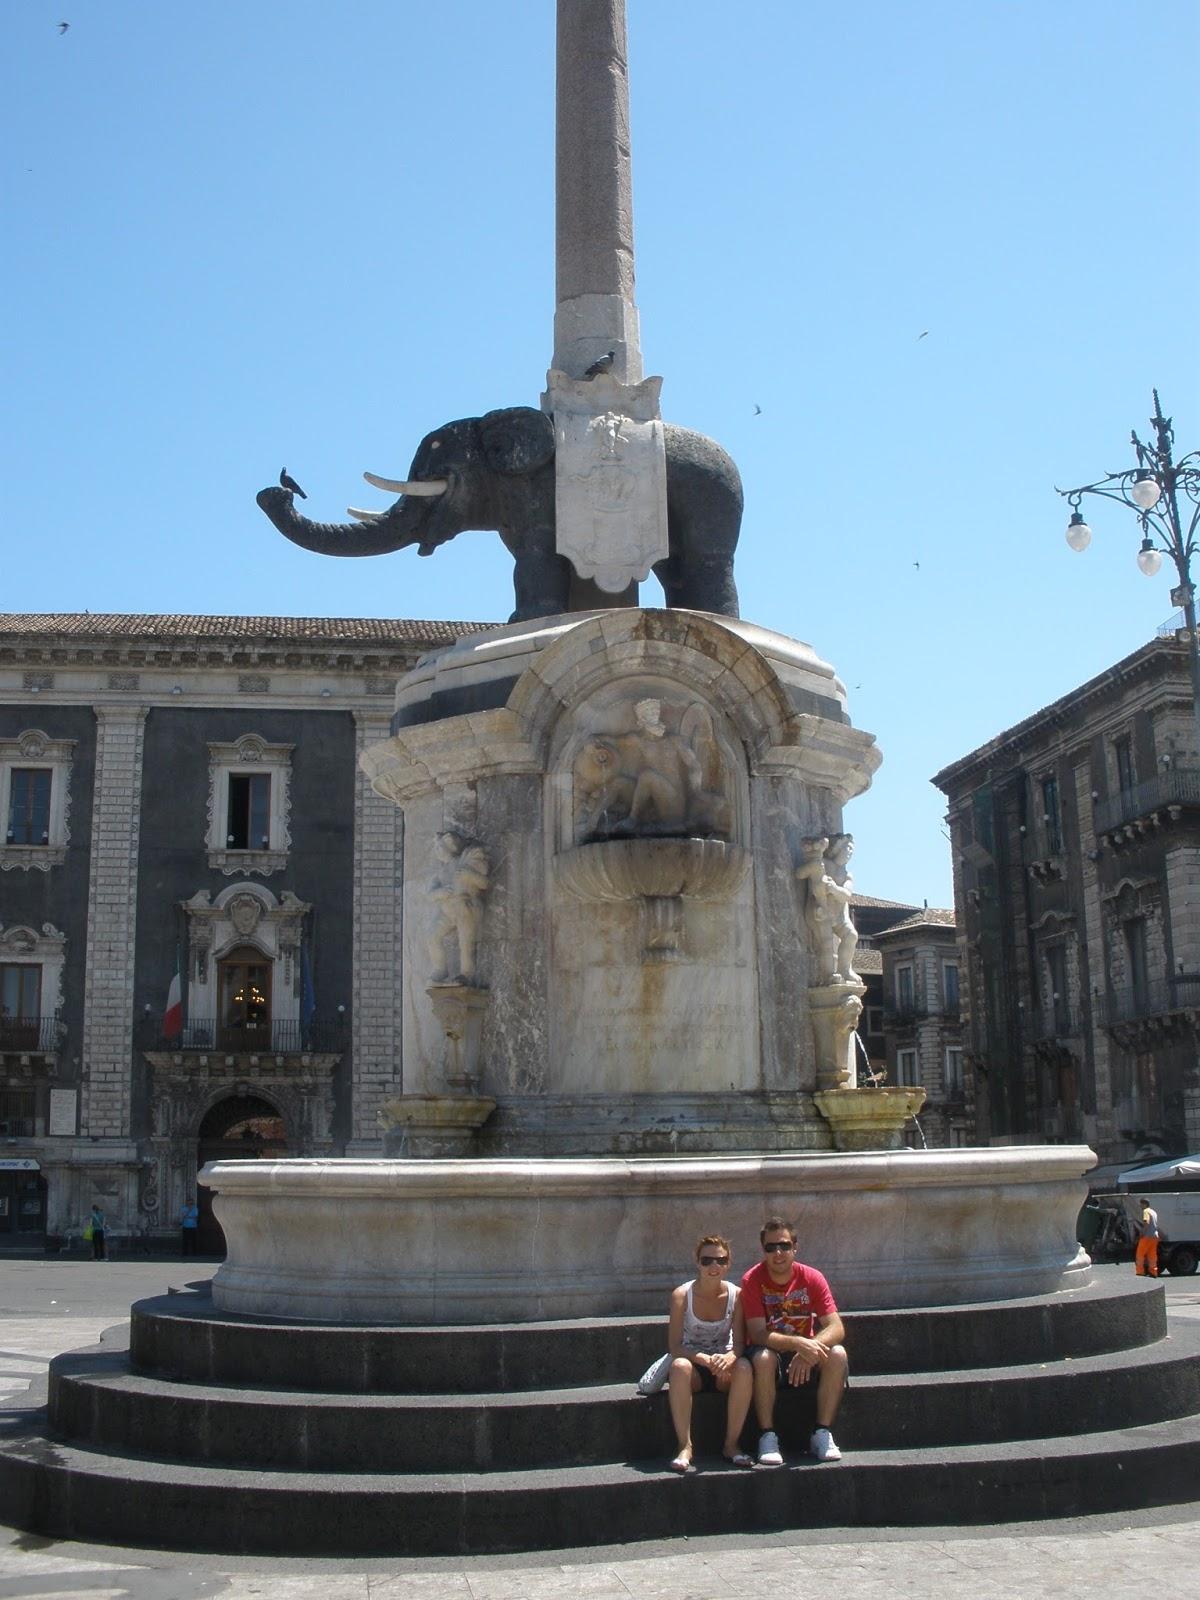 La Fuente del Elefante, Liotru decorado con un obelisco Egipcio y con un insignia de Santa Águeda, patrona de la ciudad de Catania.